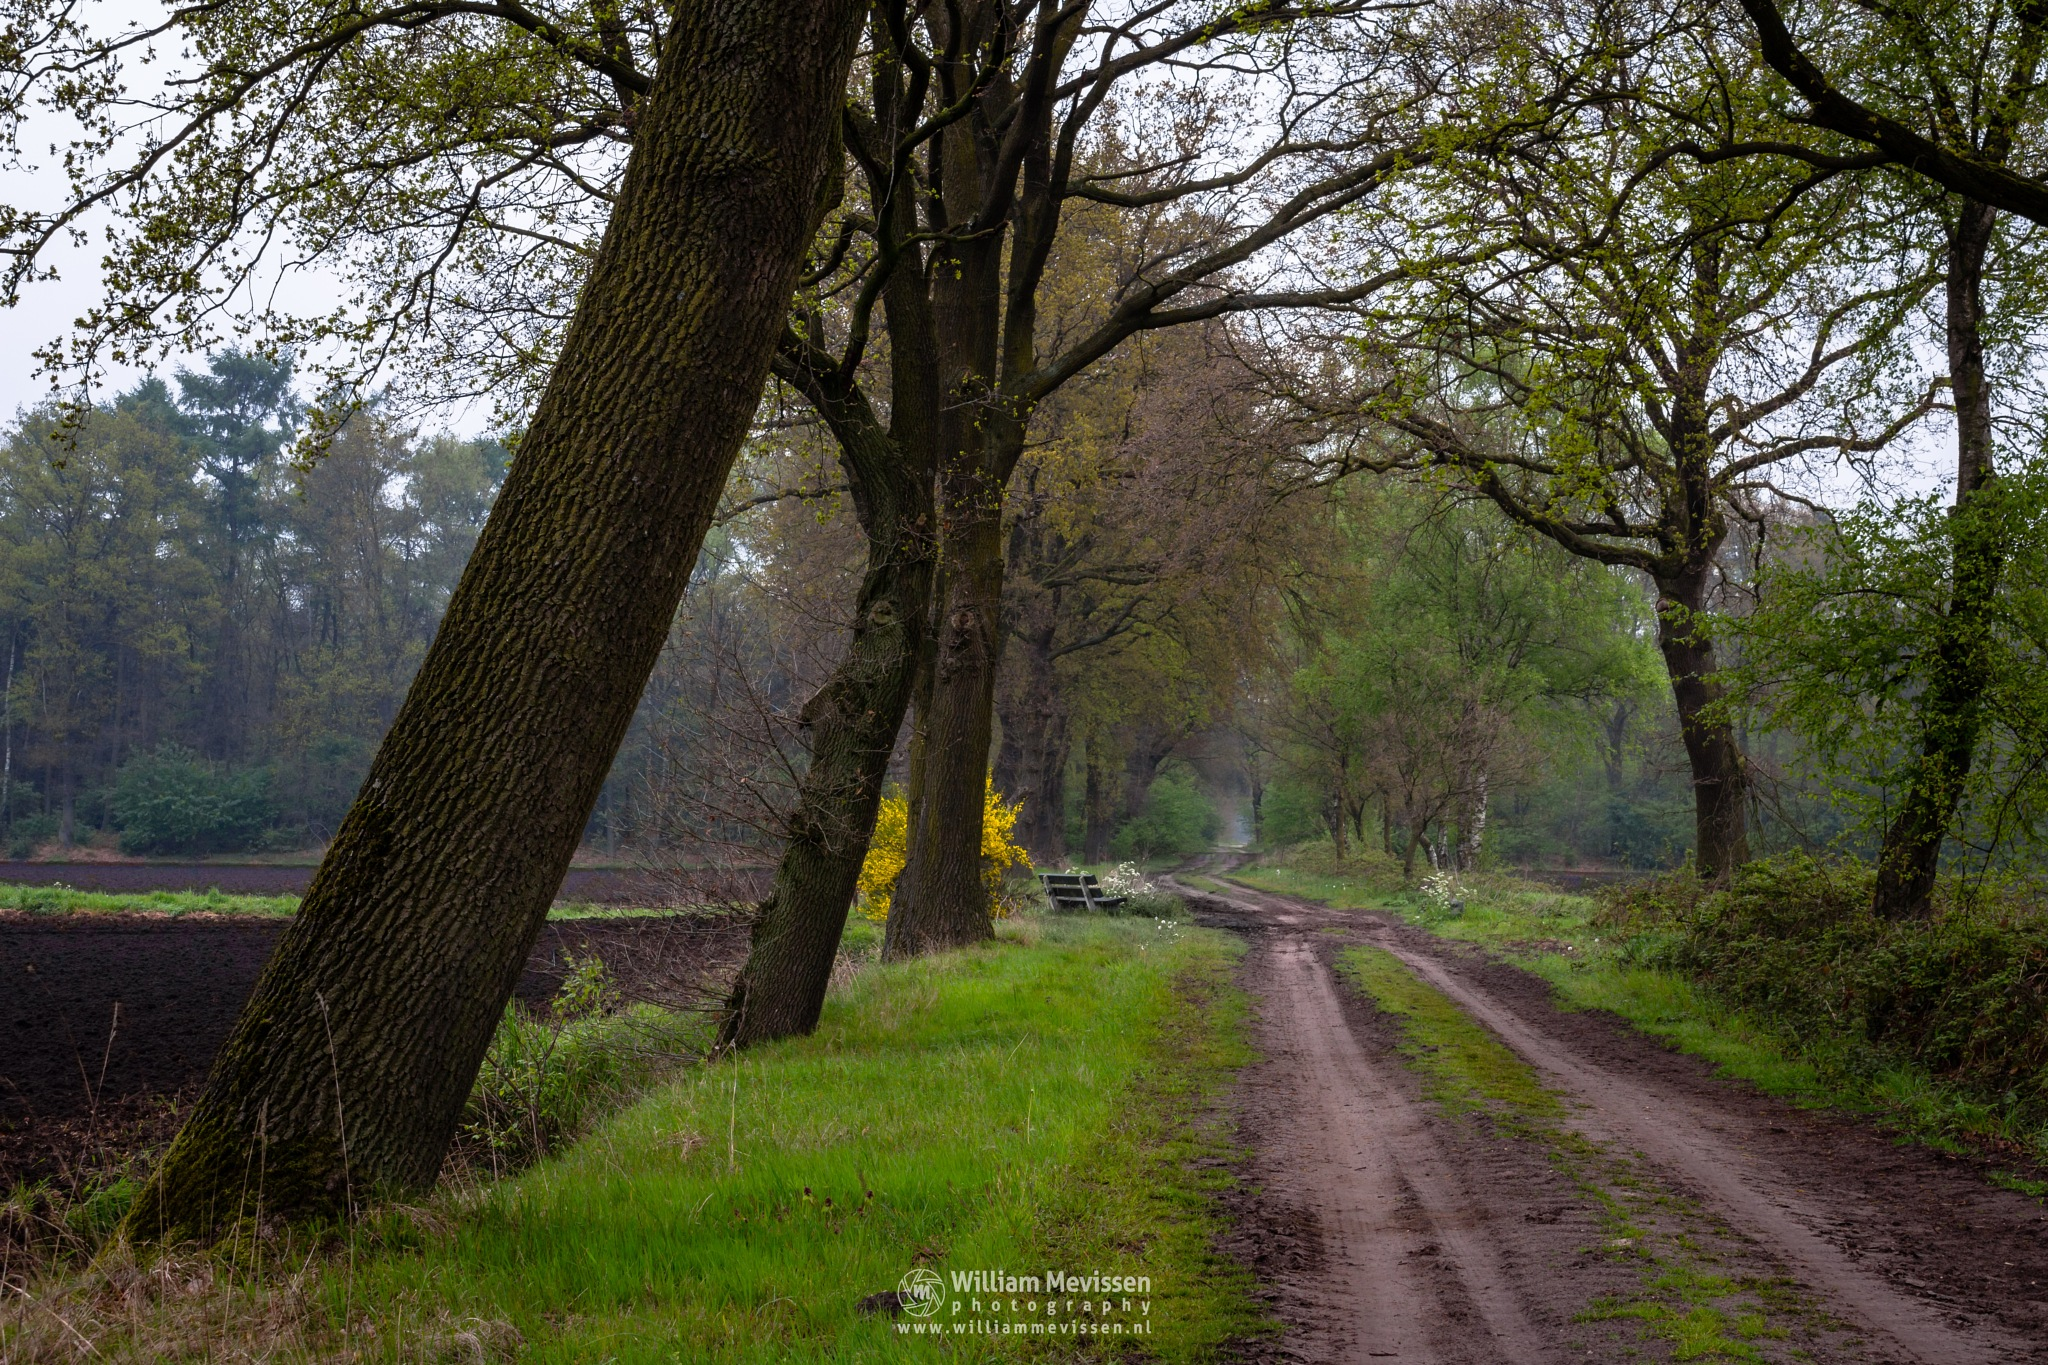 Rural Bench Path by William Mevissen